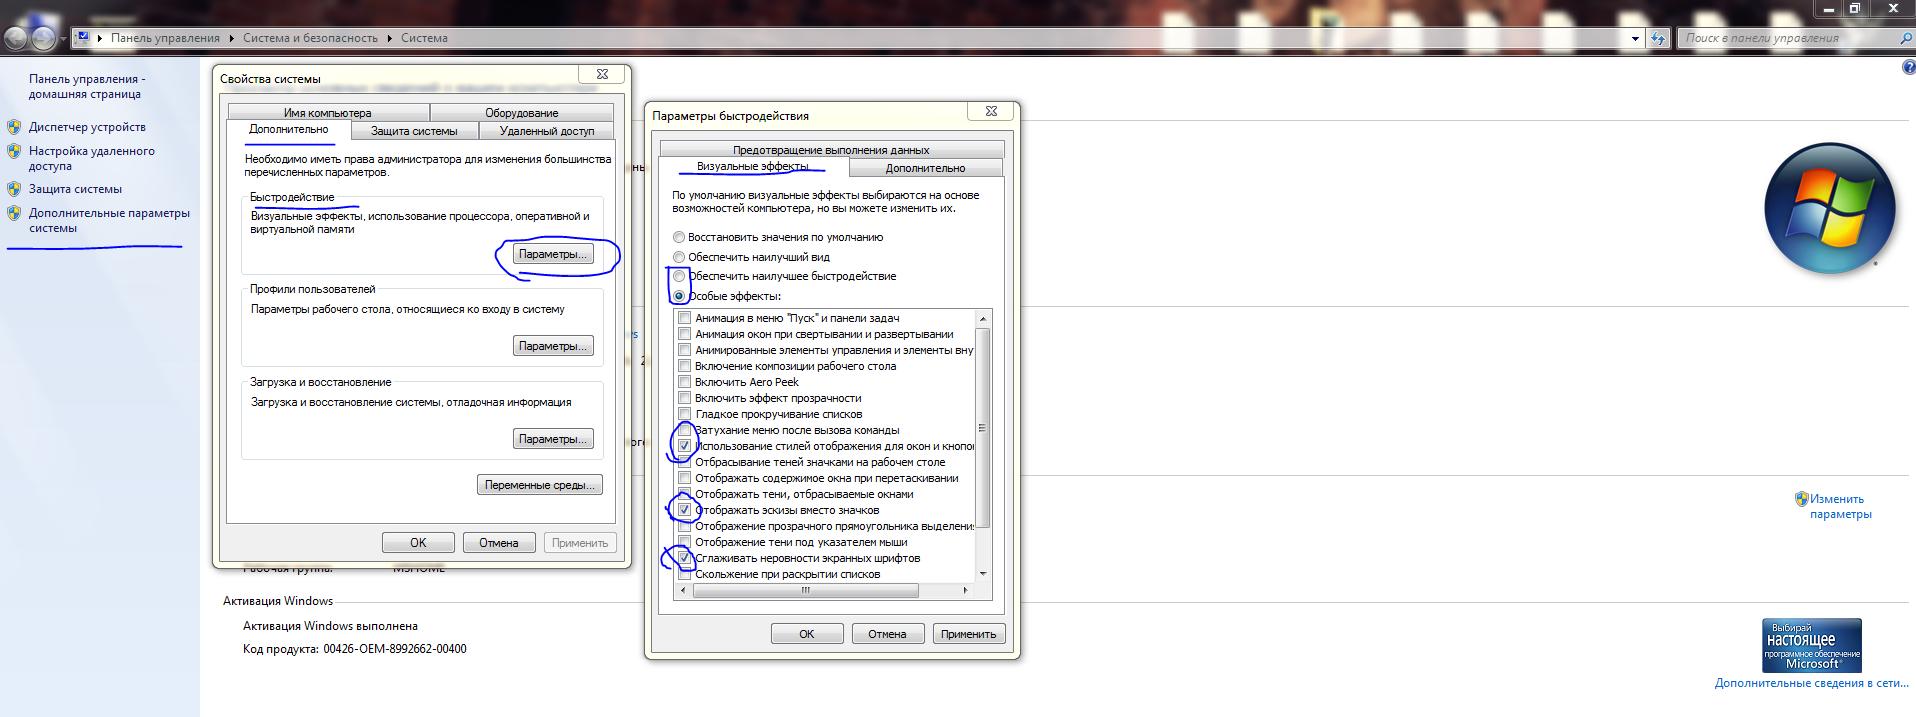 Эффекты окон в windows 7